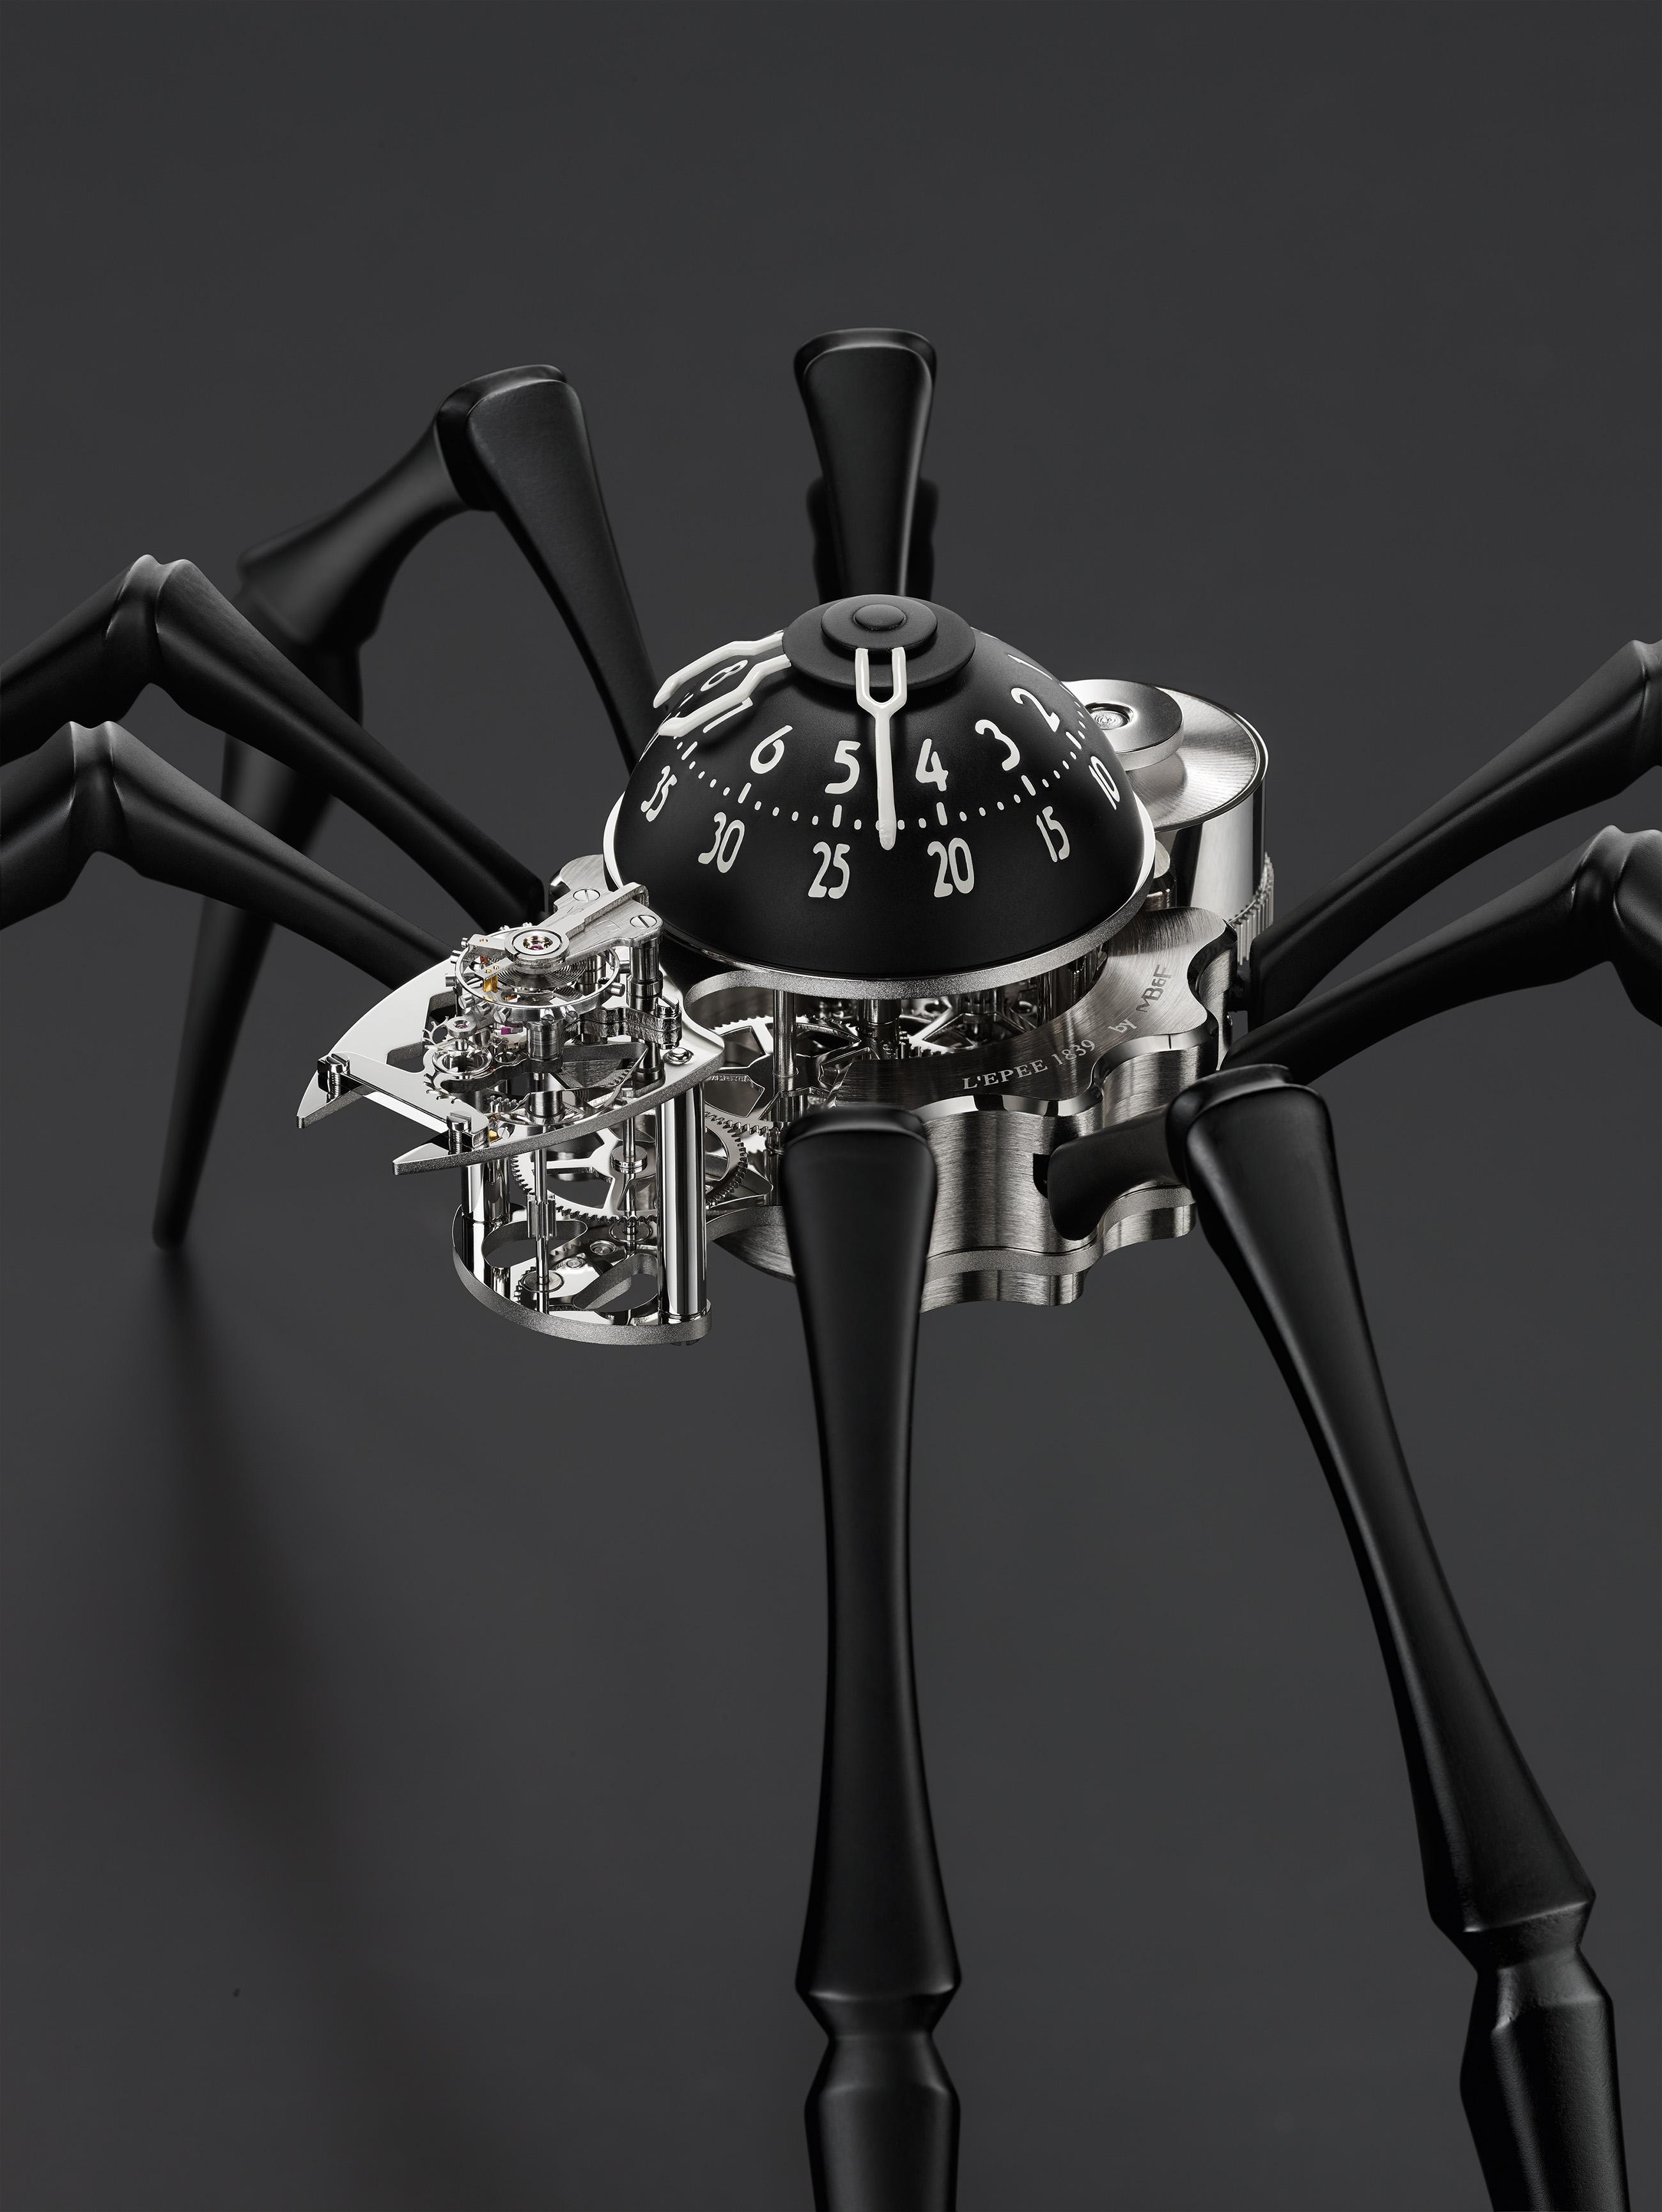 Arachnophobia_Black_CloseUp_Hres_CMYK copy